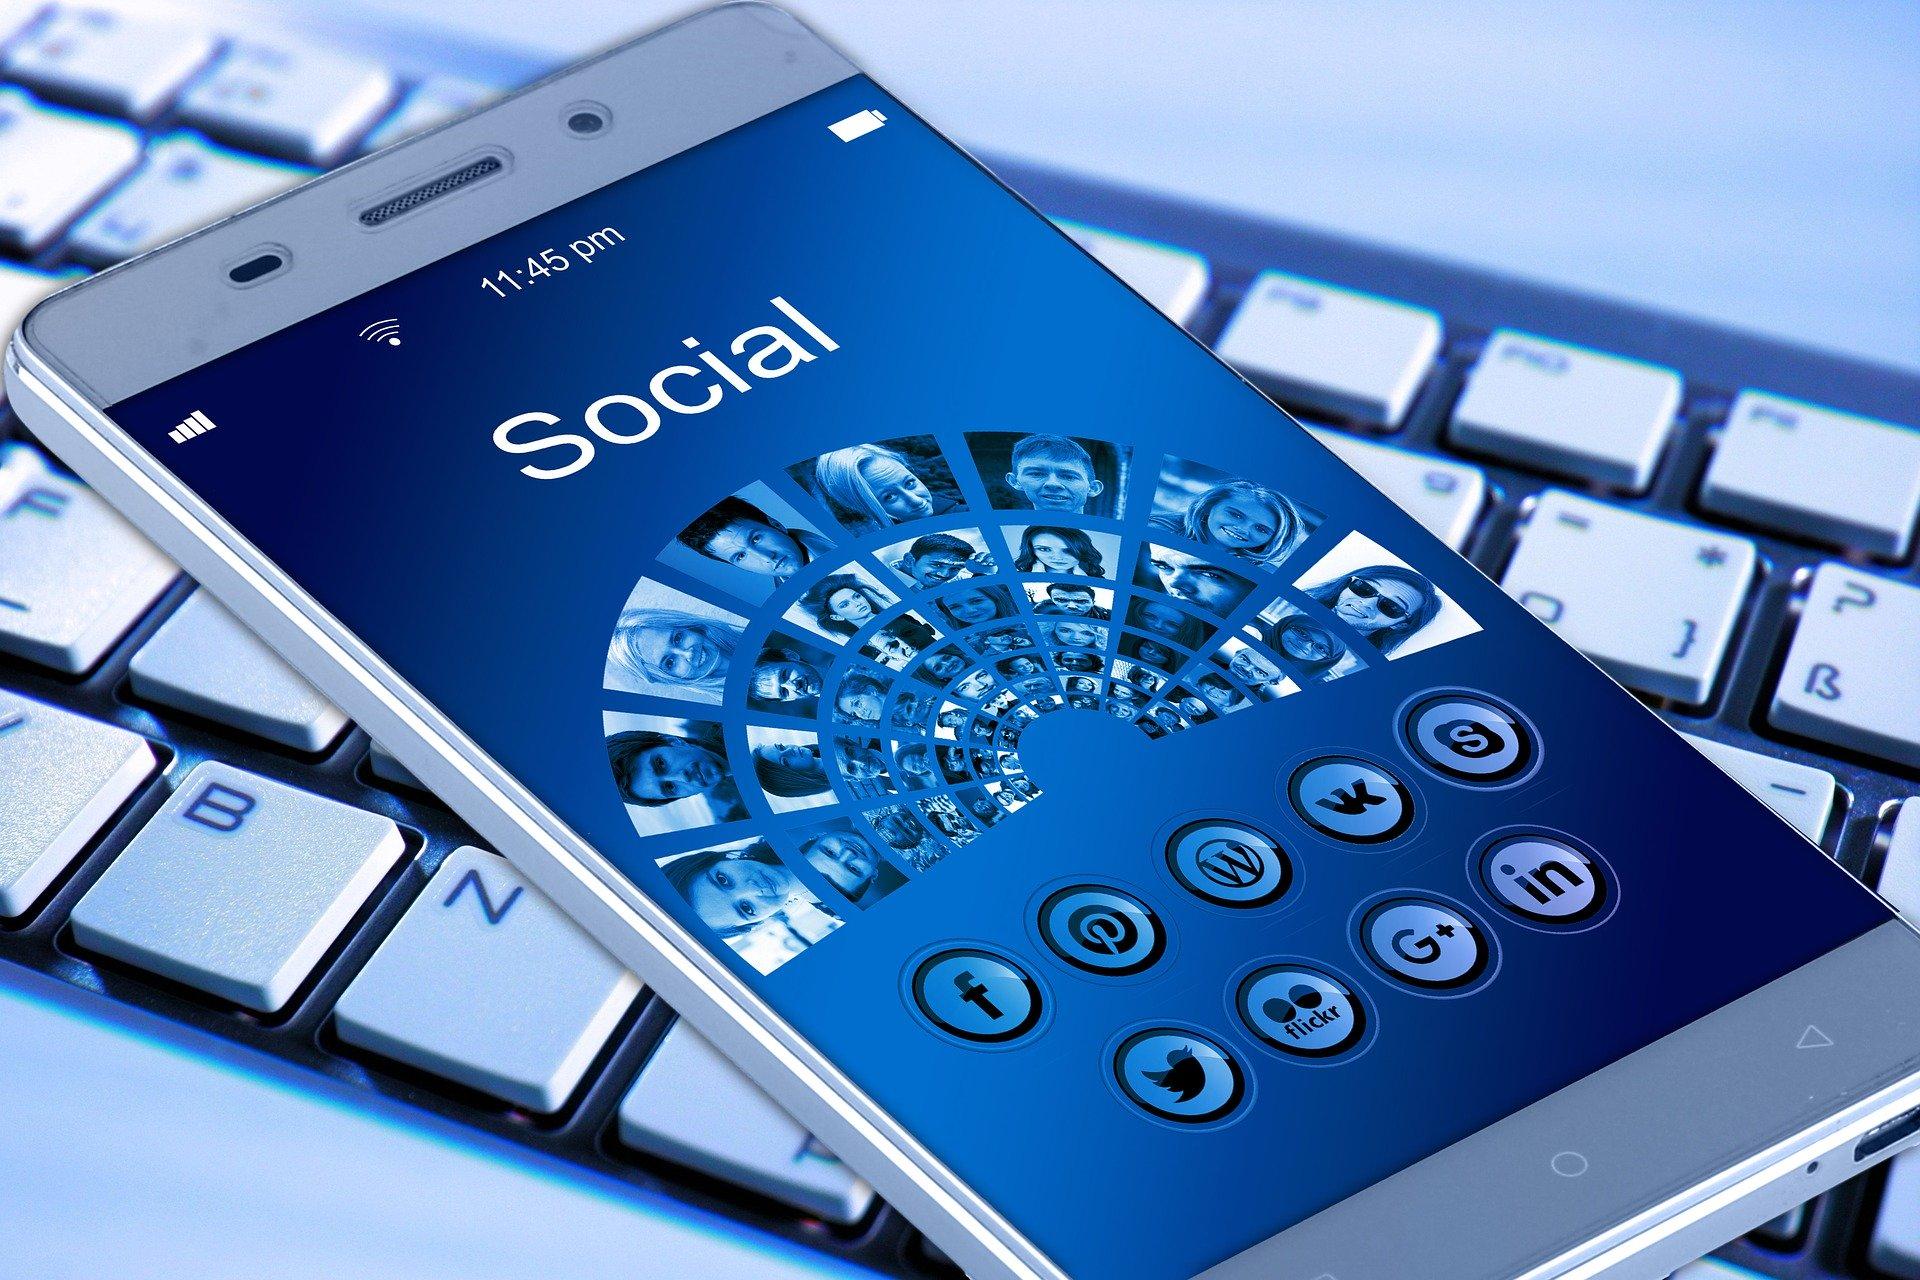 Fotos de portada en Facebook y encabezados en Twitter y Linkedin: qué debemos hacer